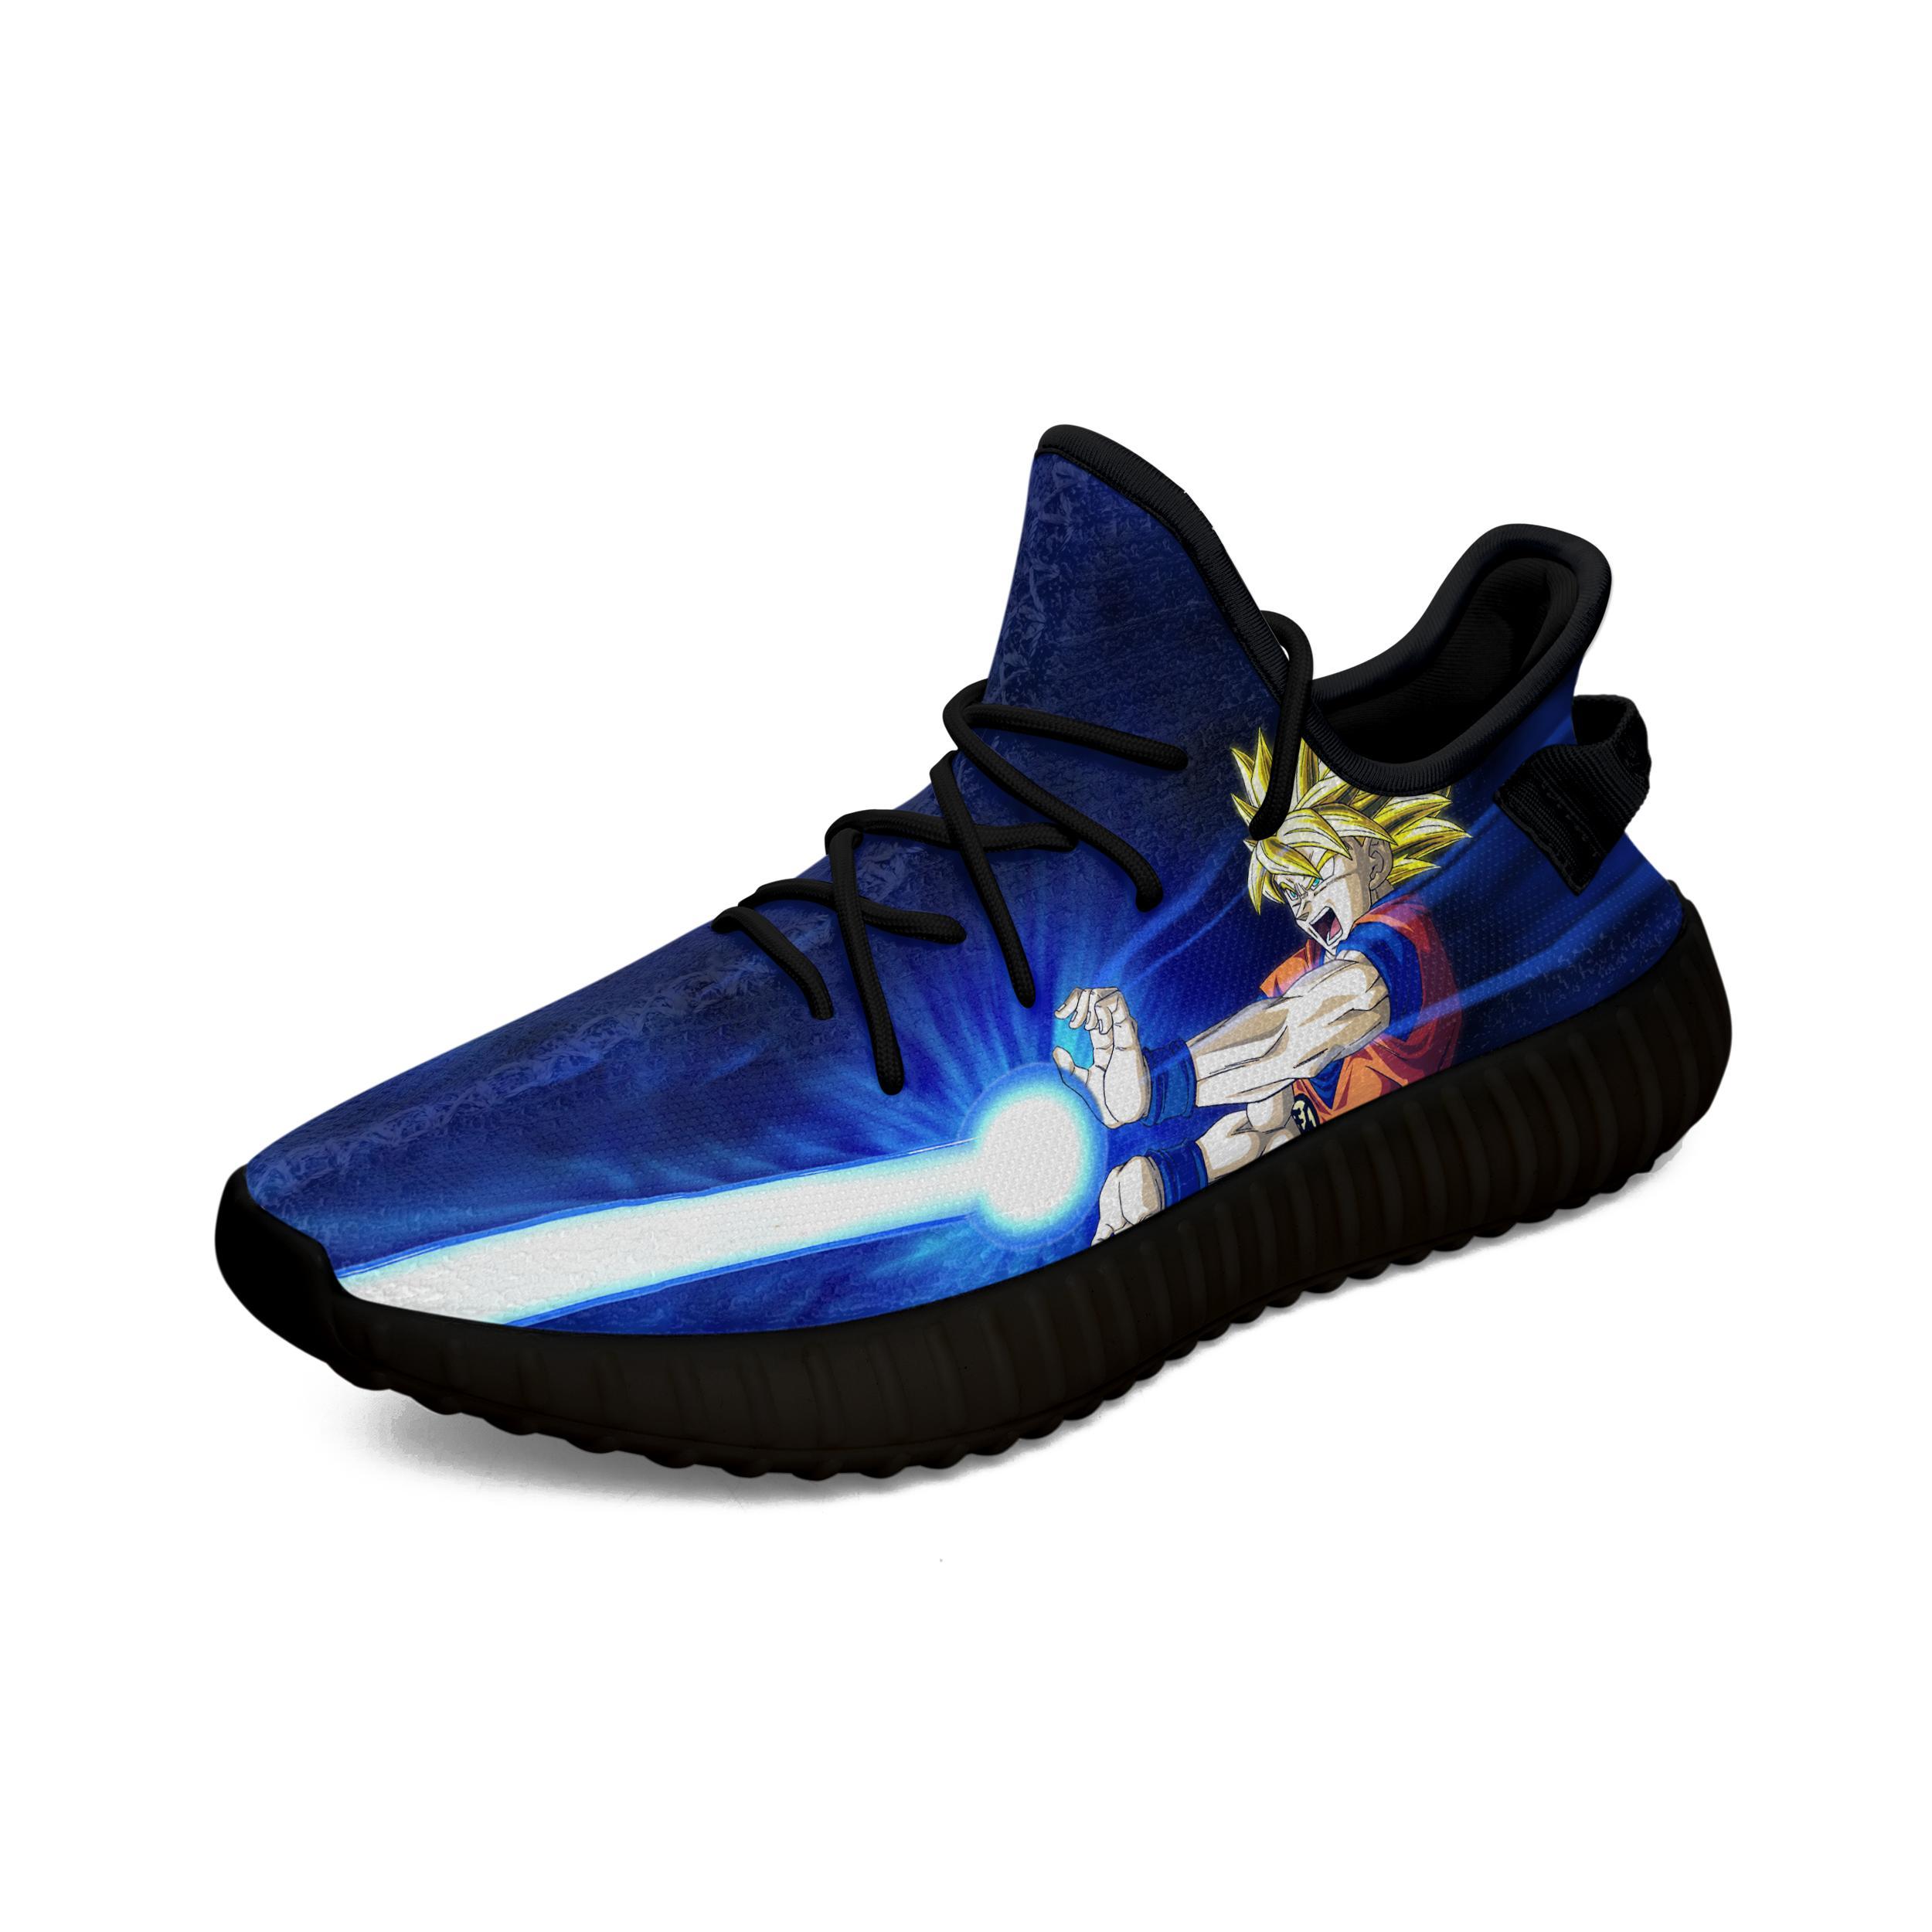 190706 ? Goku 2 Yeezy Boots